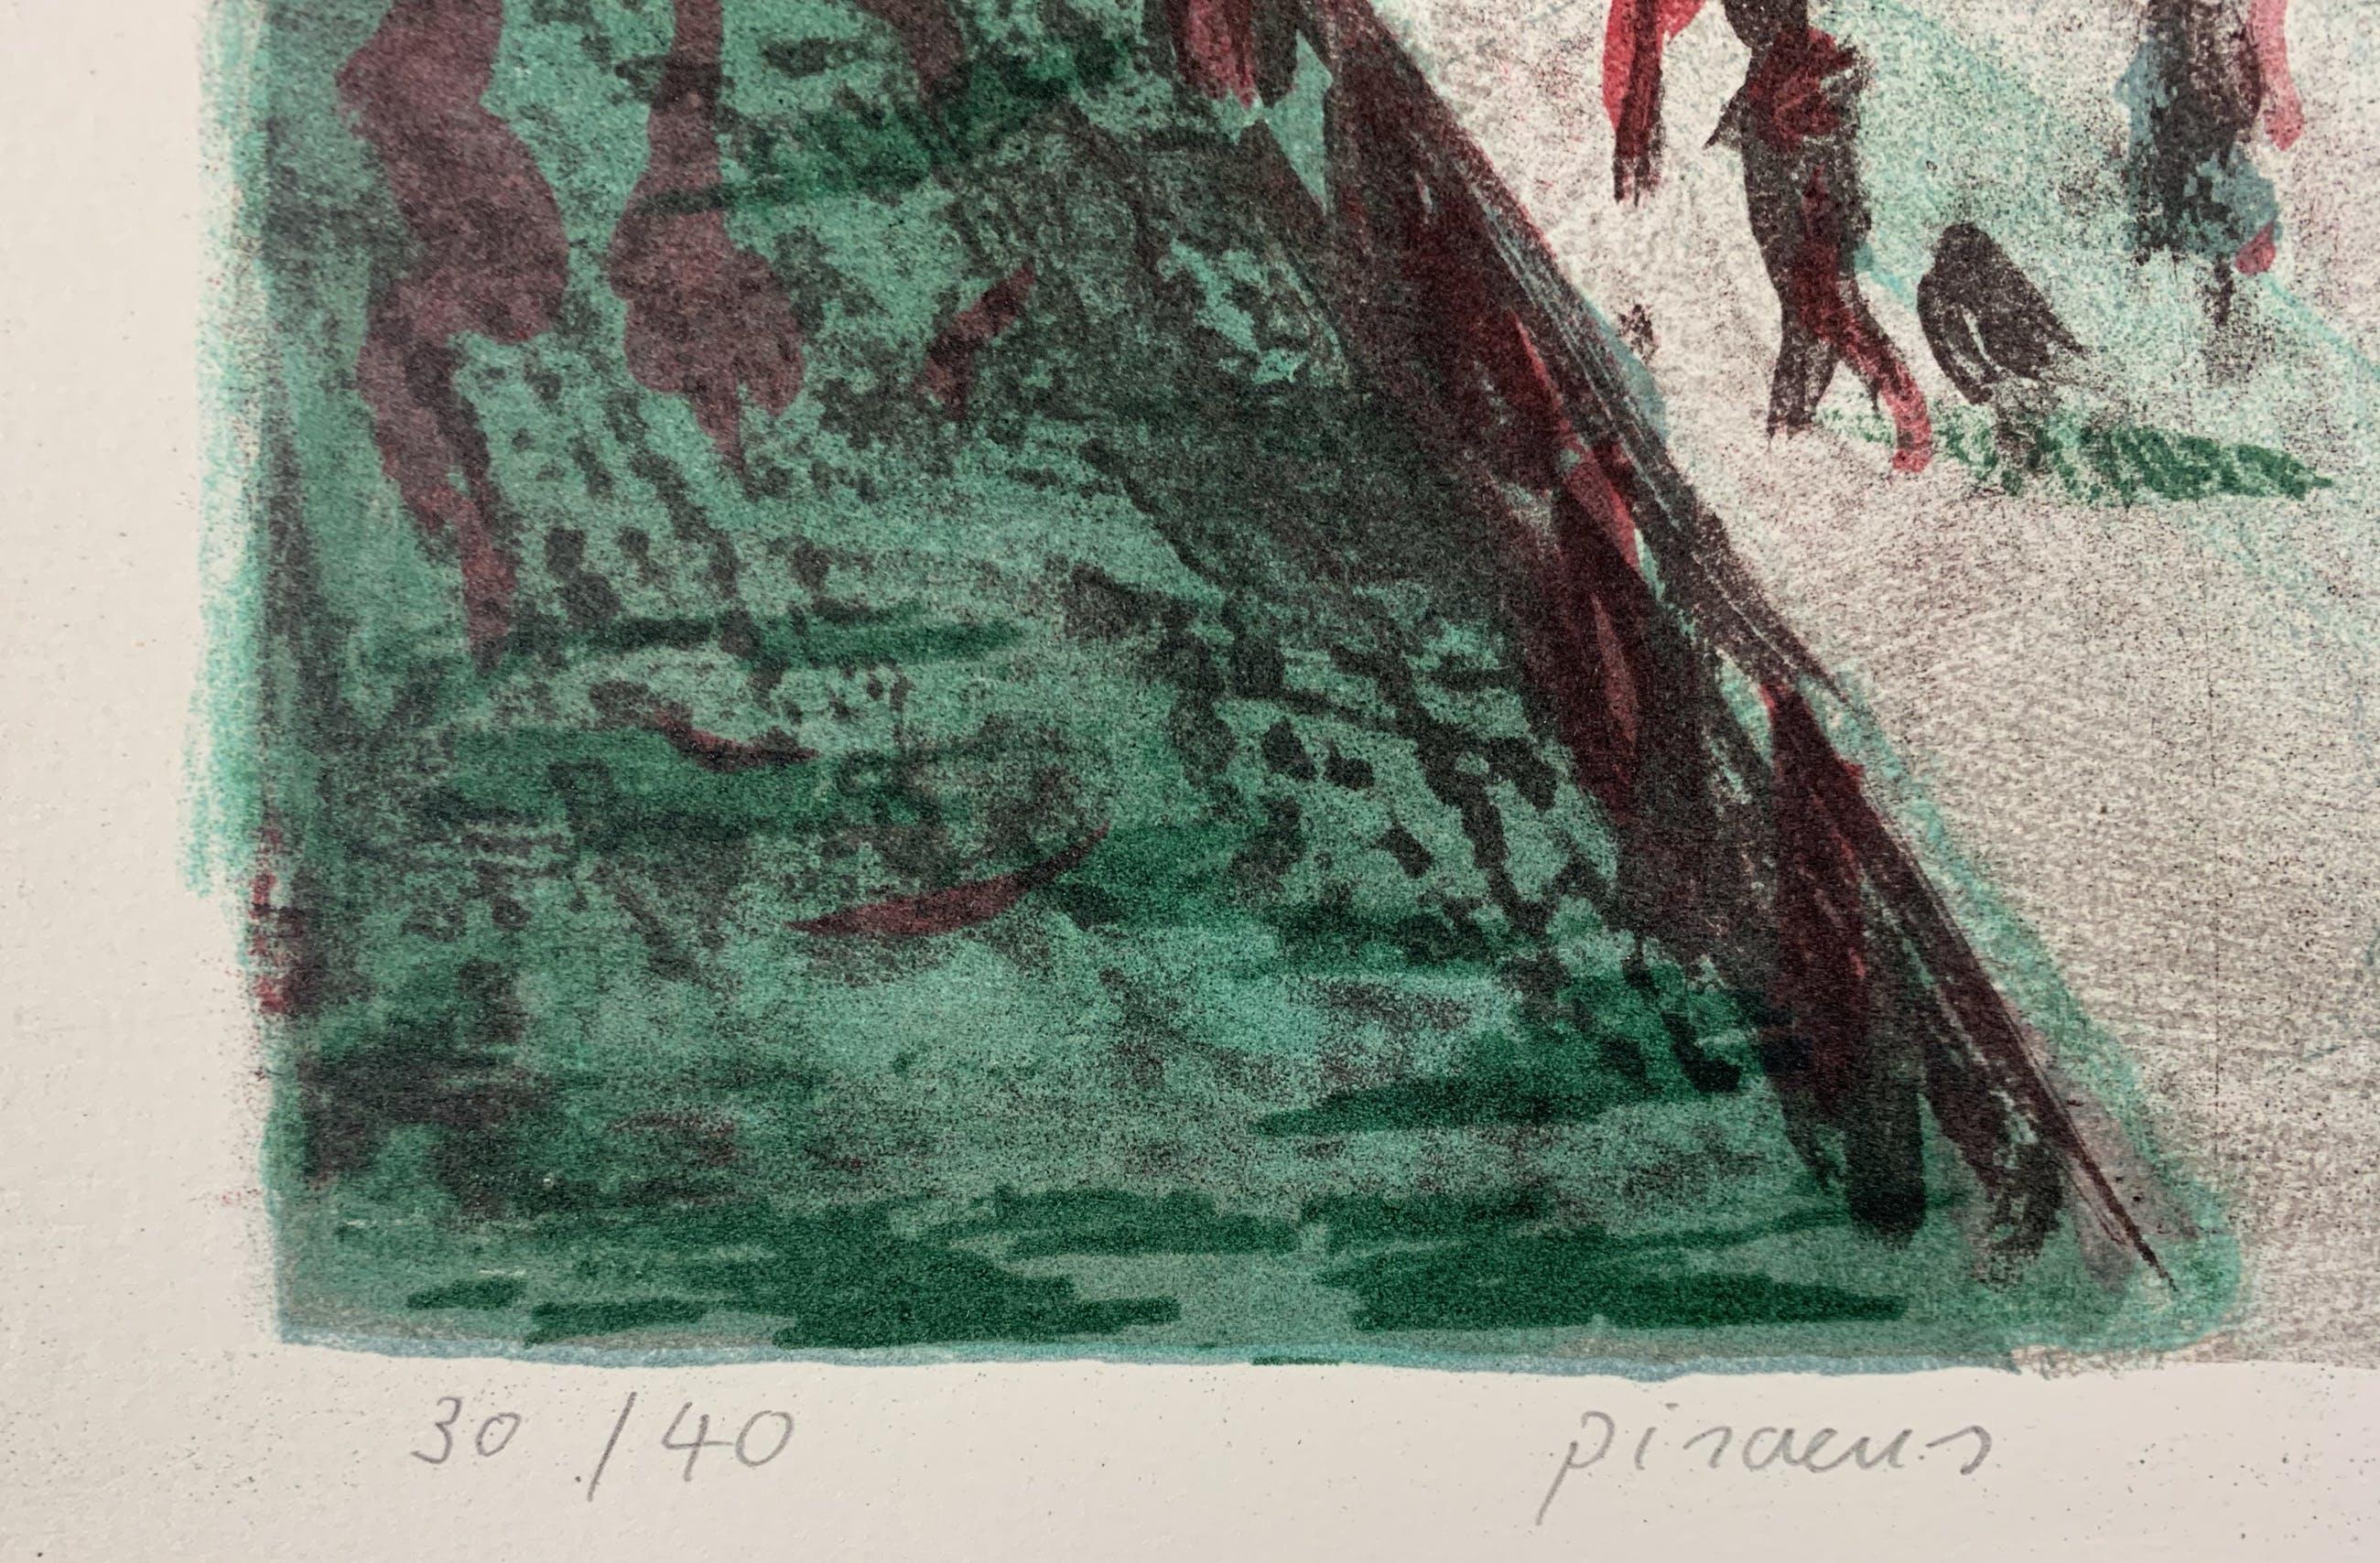 Jeroen Hermkens - Kleurenlitho - 'Pireaus' - 1997 kopen? Bied vanaf 100!